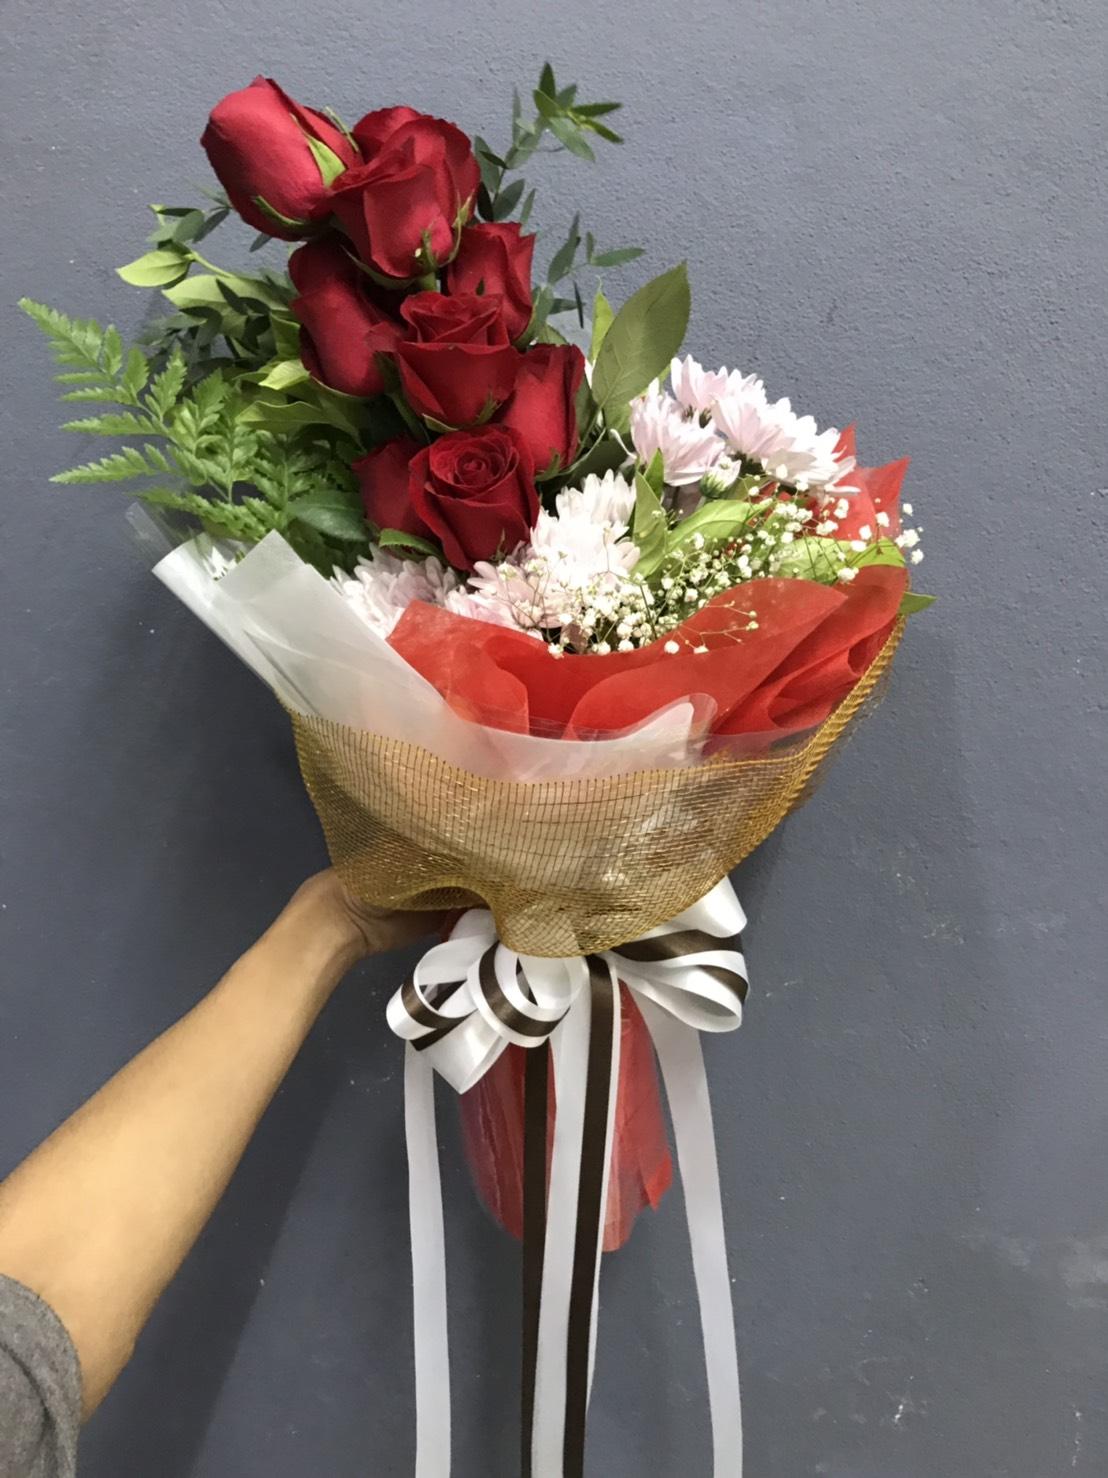 ช่อดอกกุหลาบสุดชิค แซมด้วยดอกมัมและดอกยิปโซ ช่วยเพิ่มความงามค่ะ